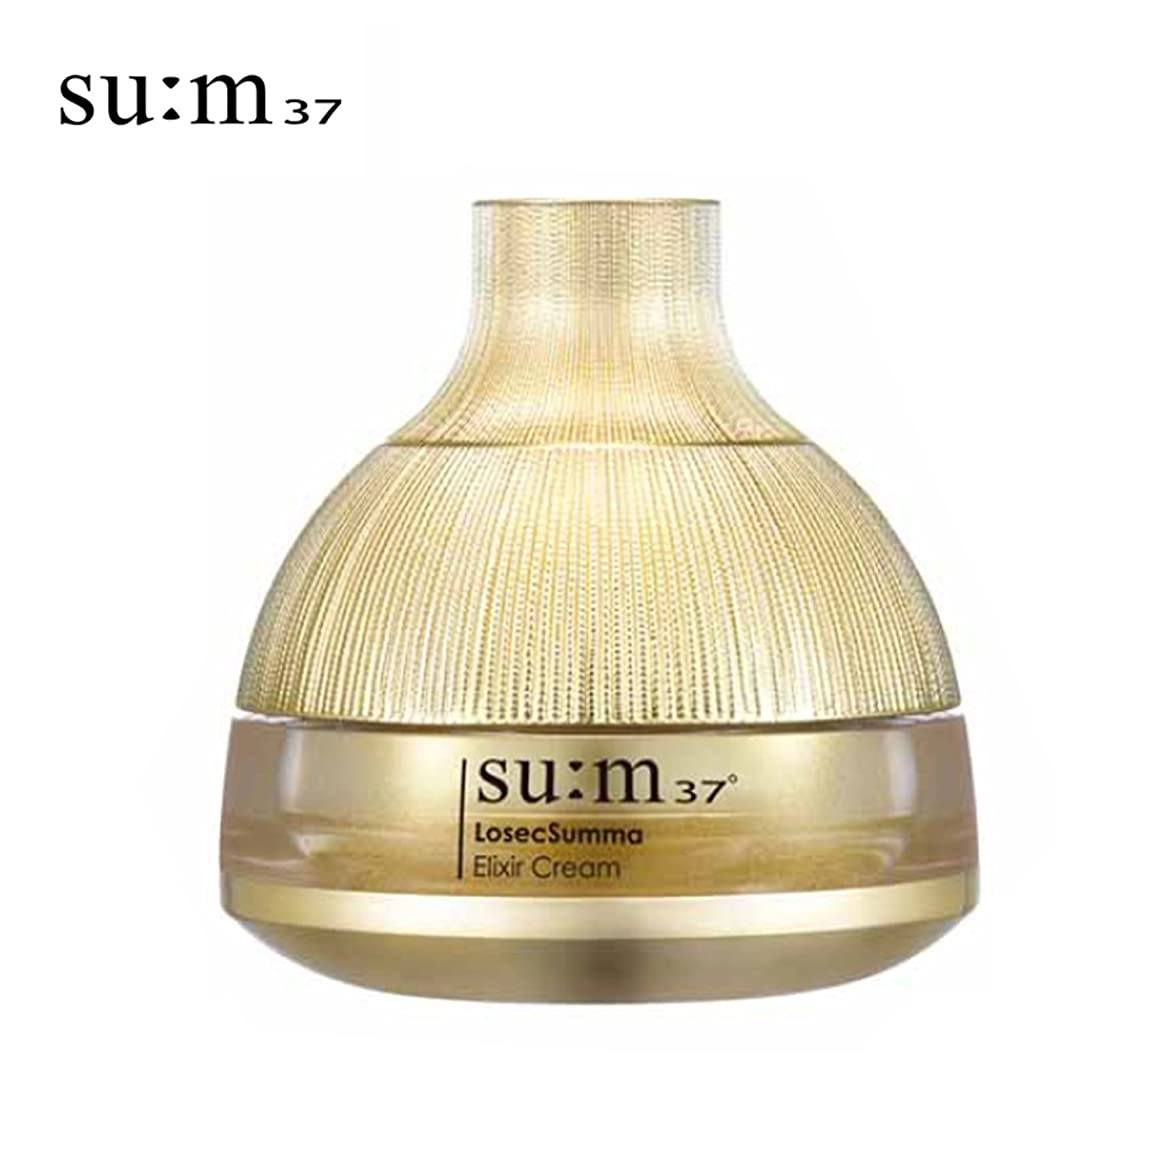 健全講堂コミュニケーション[su:m37/スム37°]Sum37 LOSEC SUMMA ELIXIR Cream 60ml/スム37 LOSEC SUMMA ELIXIR クリーム 60ml + [Sample Gift](海外直送品)